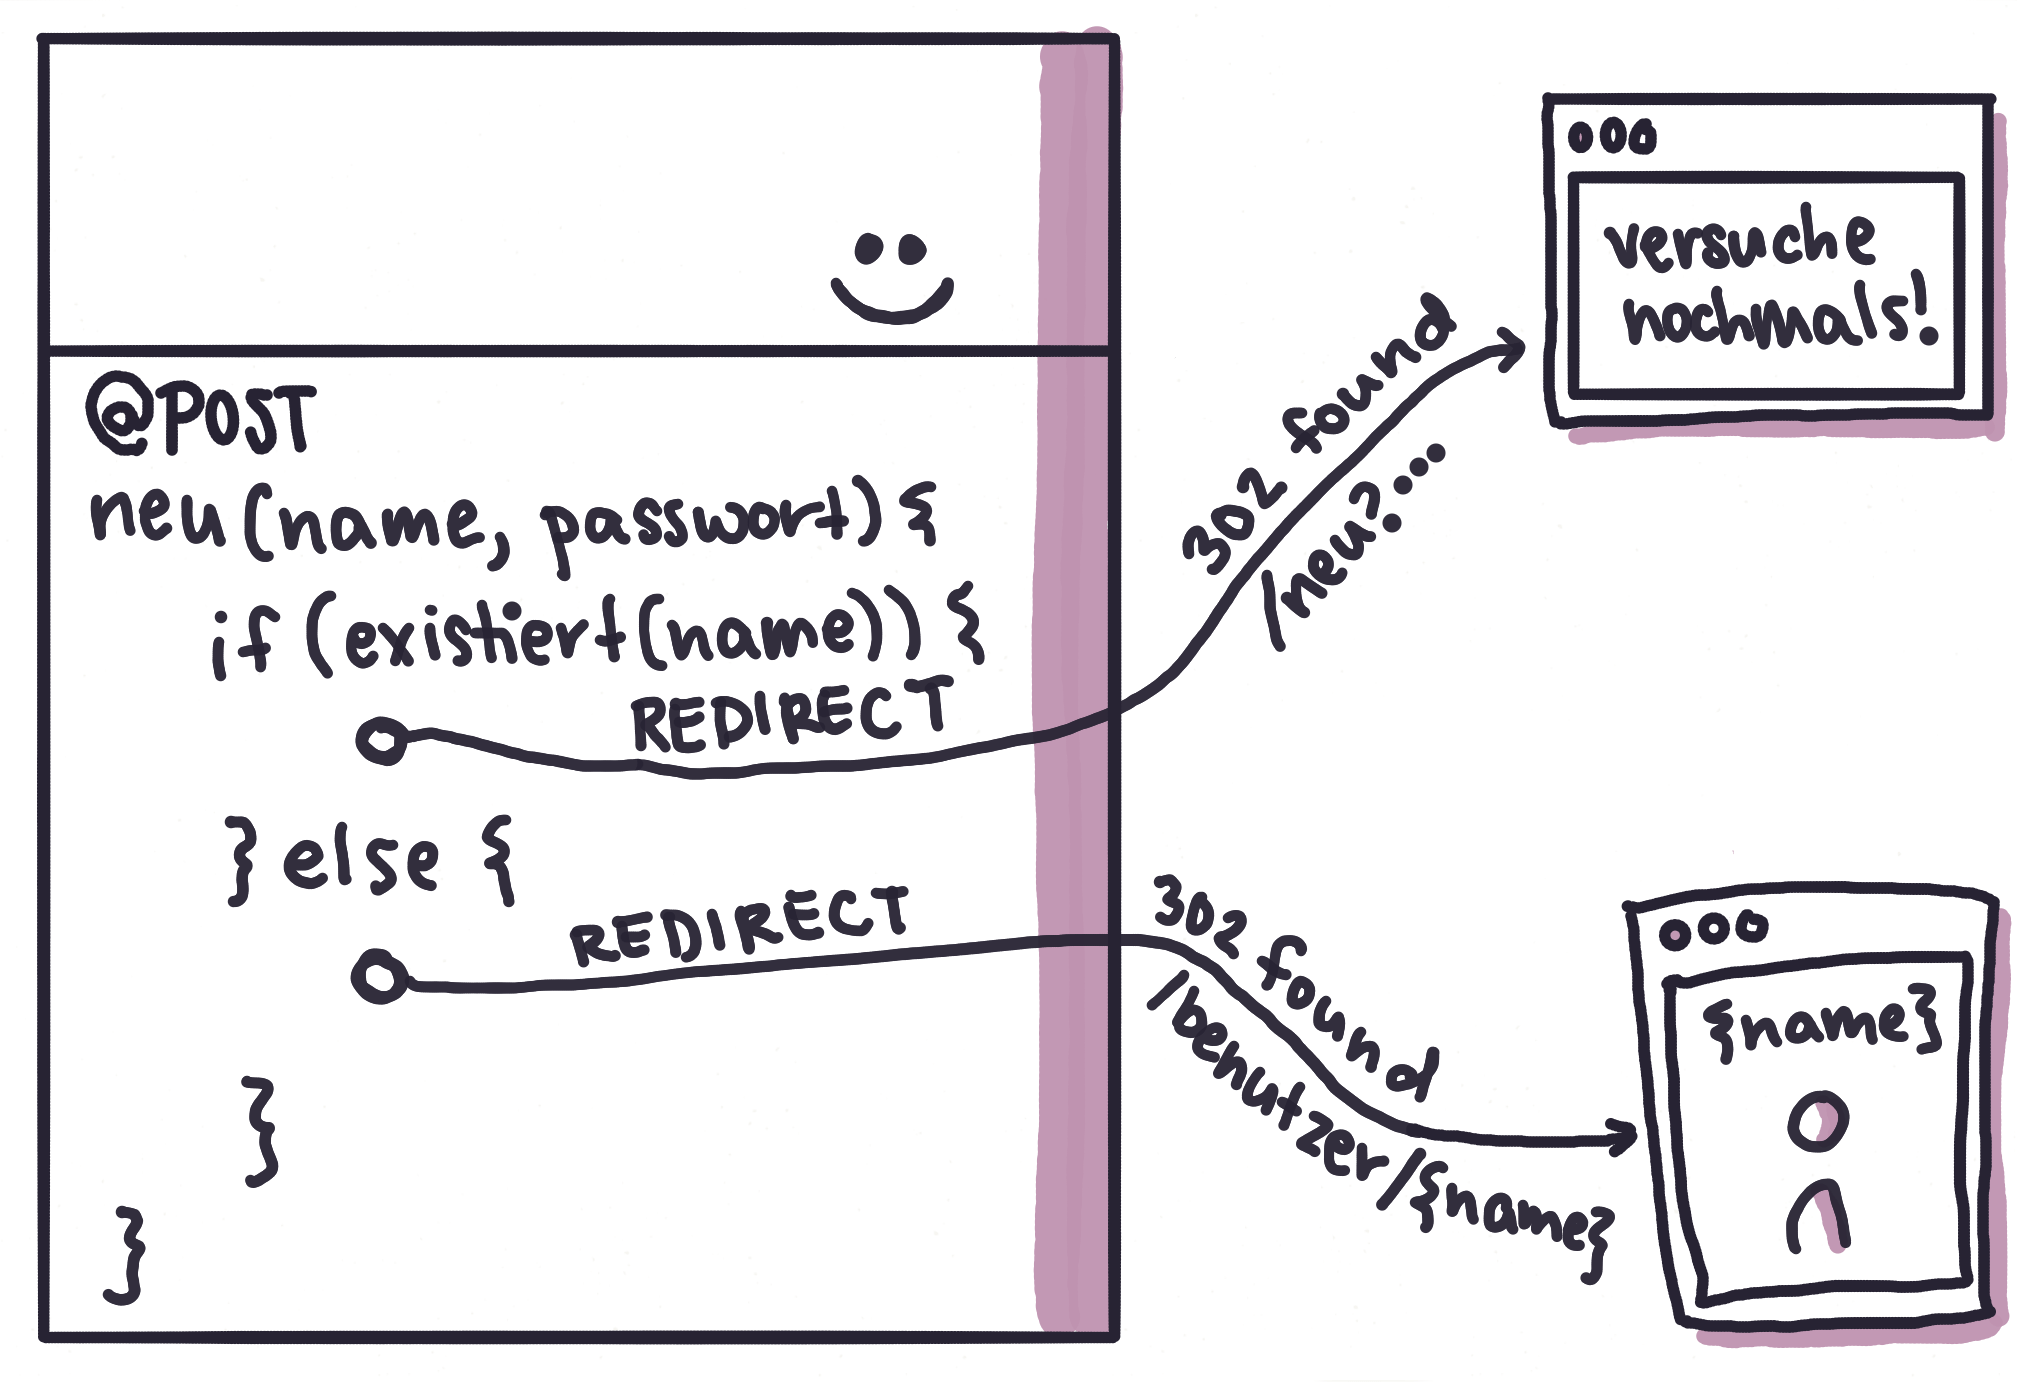 Abb. 5: Der Server entscheidet via Redirect, was als Nächstes passiert